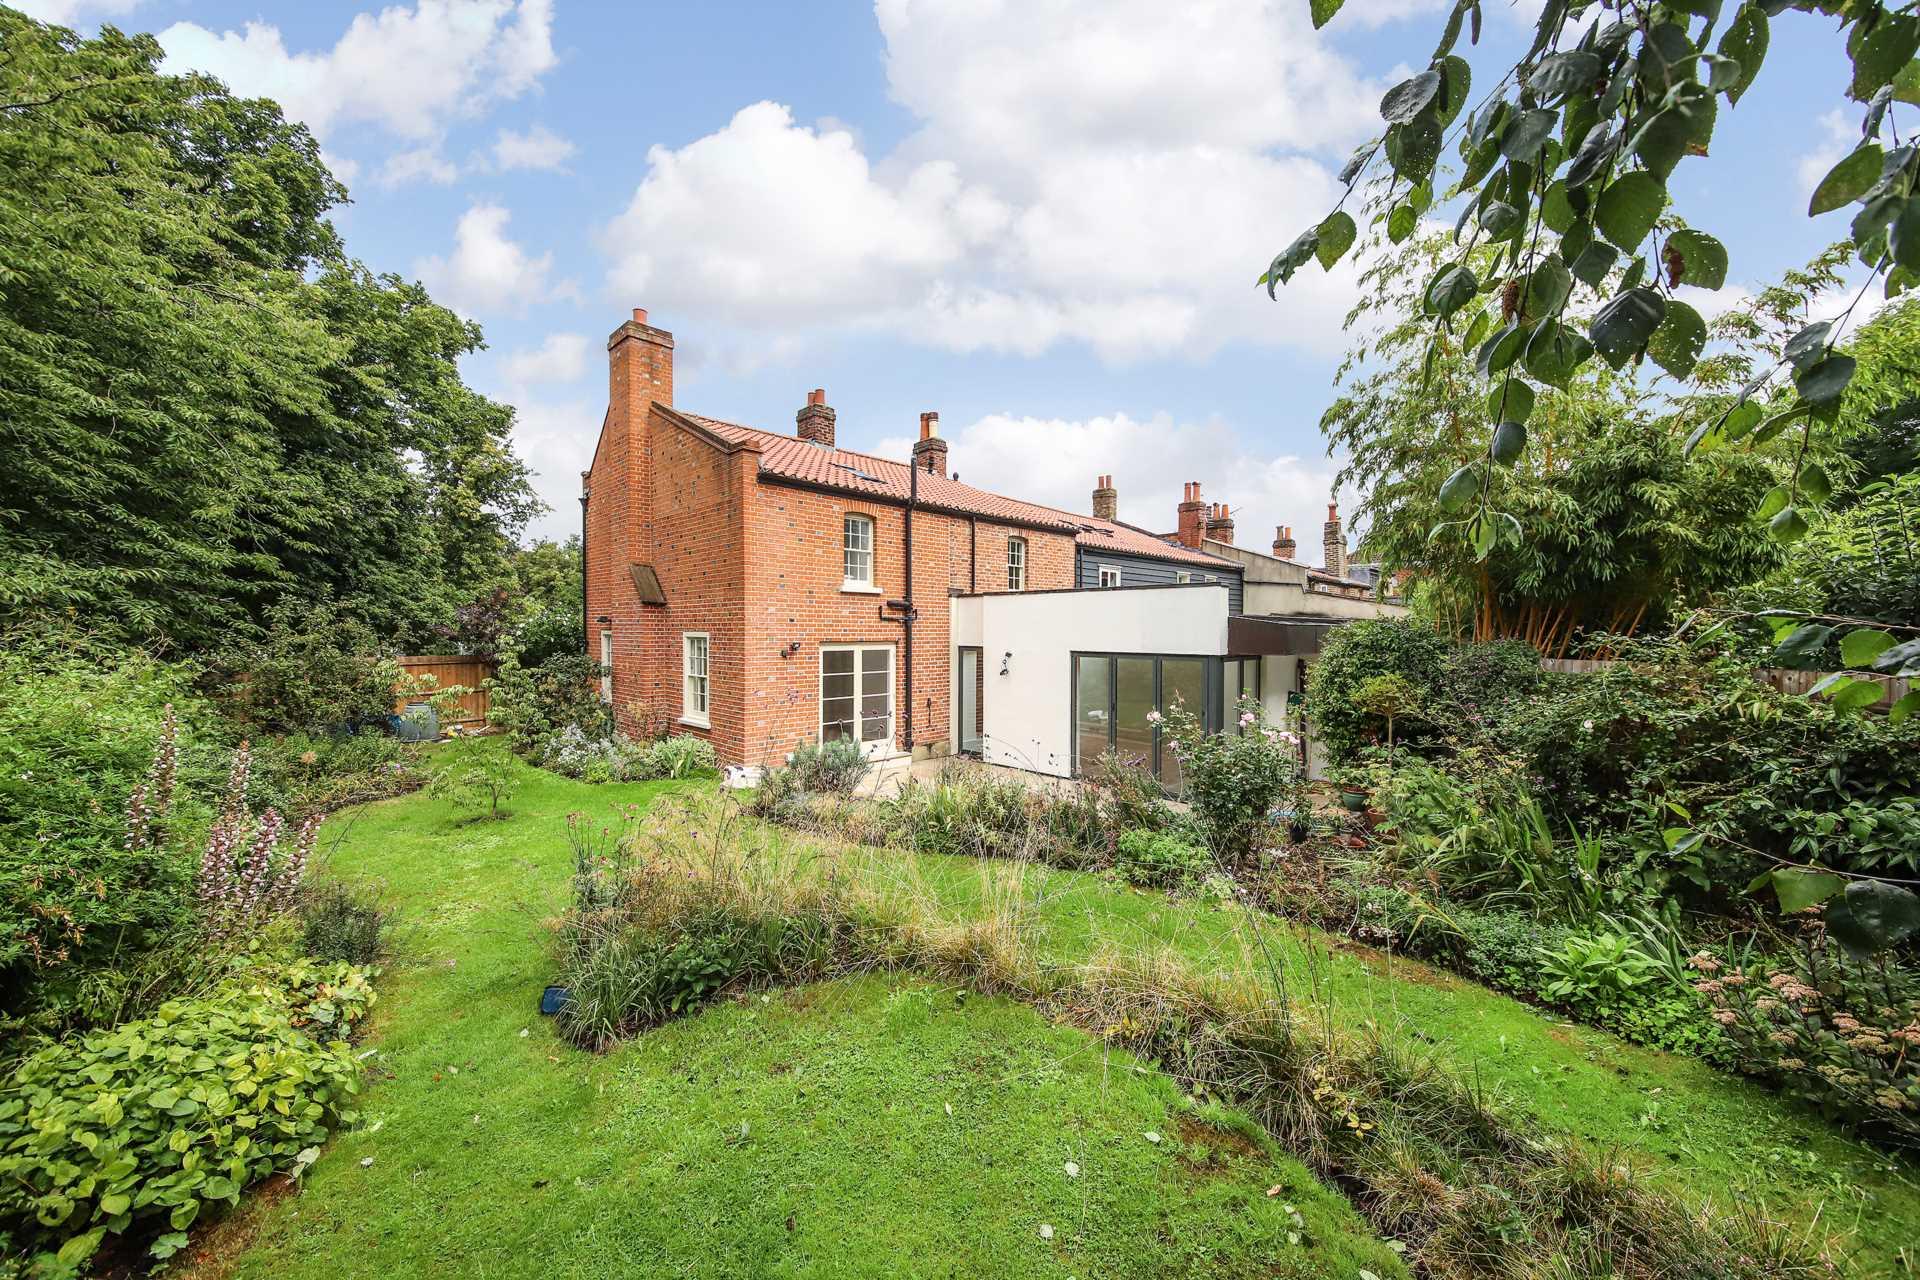 Pond Cottages Dulwich Village SE21 7LE, Image 1